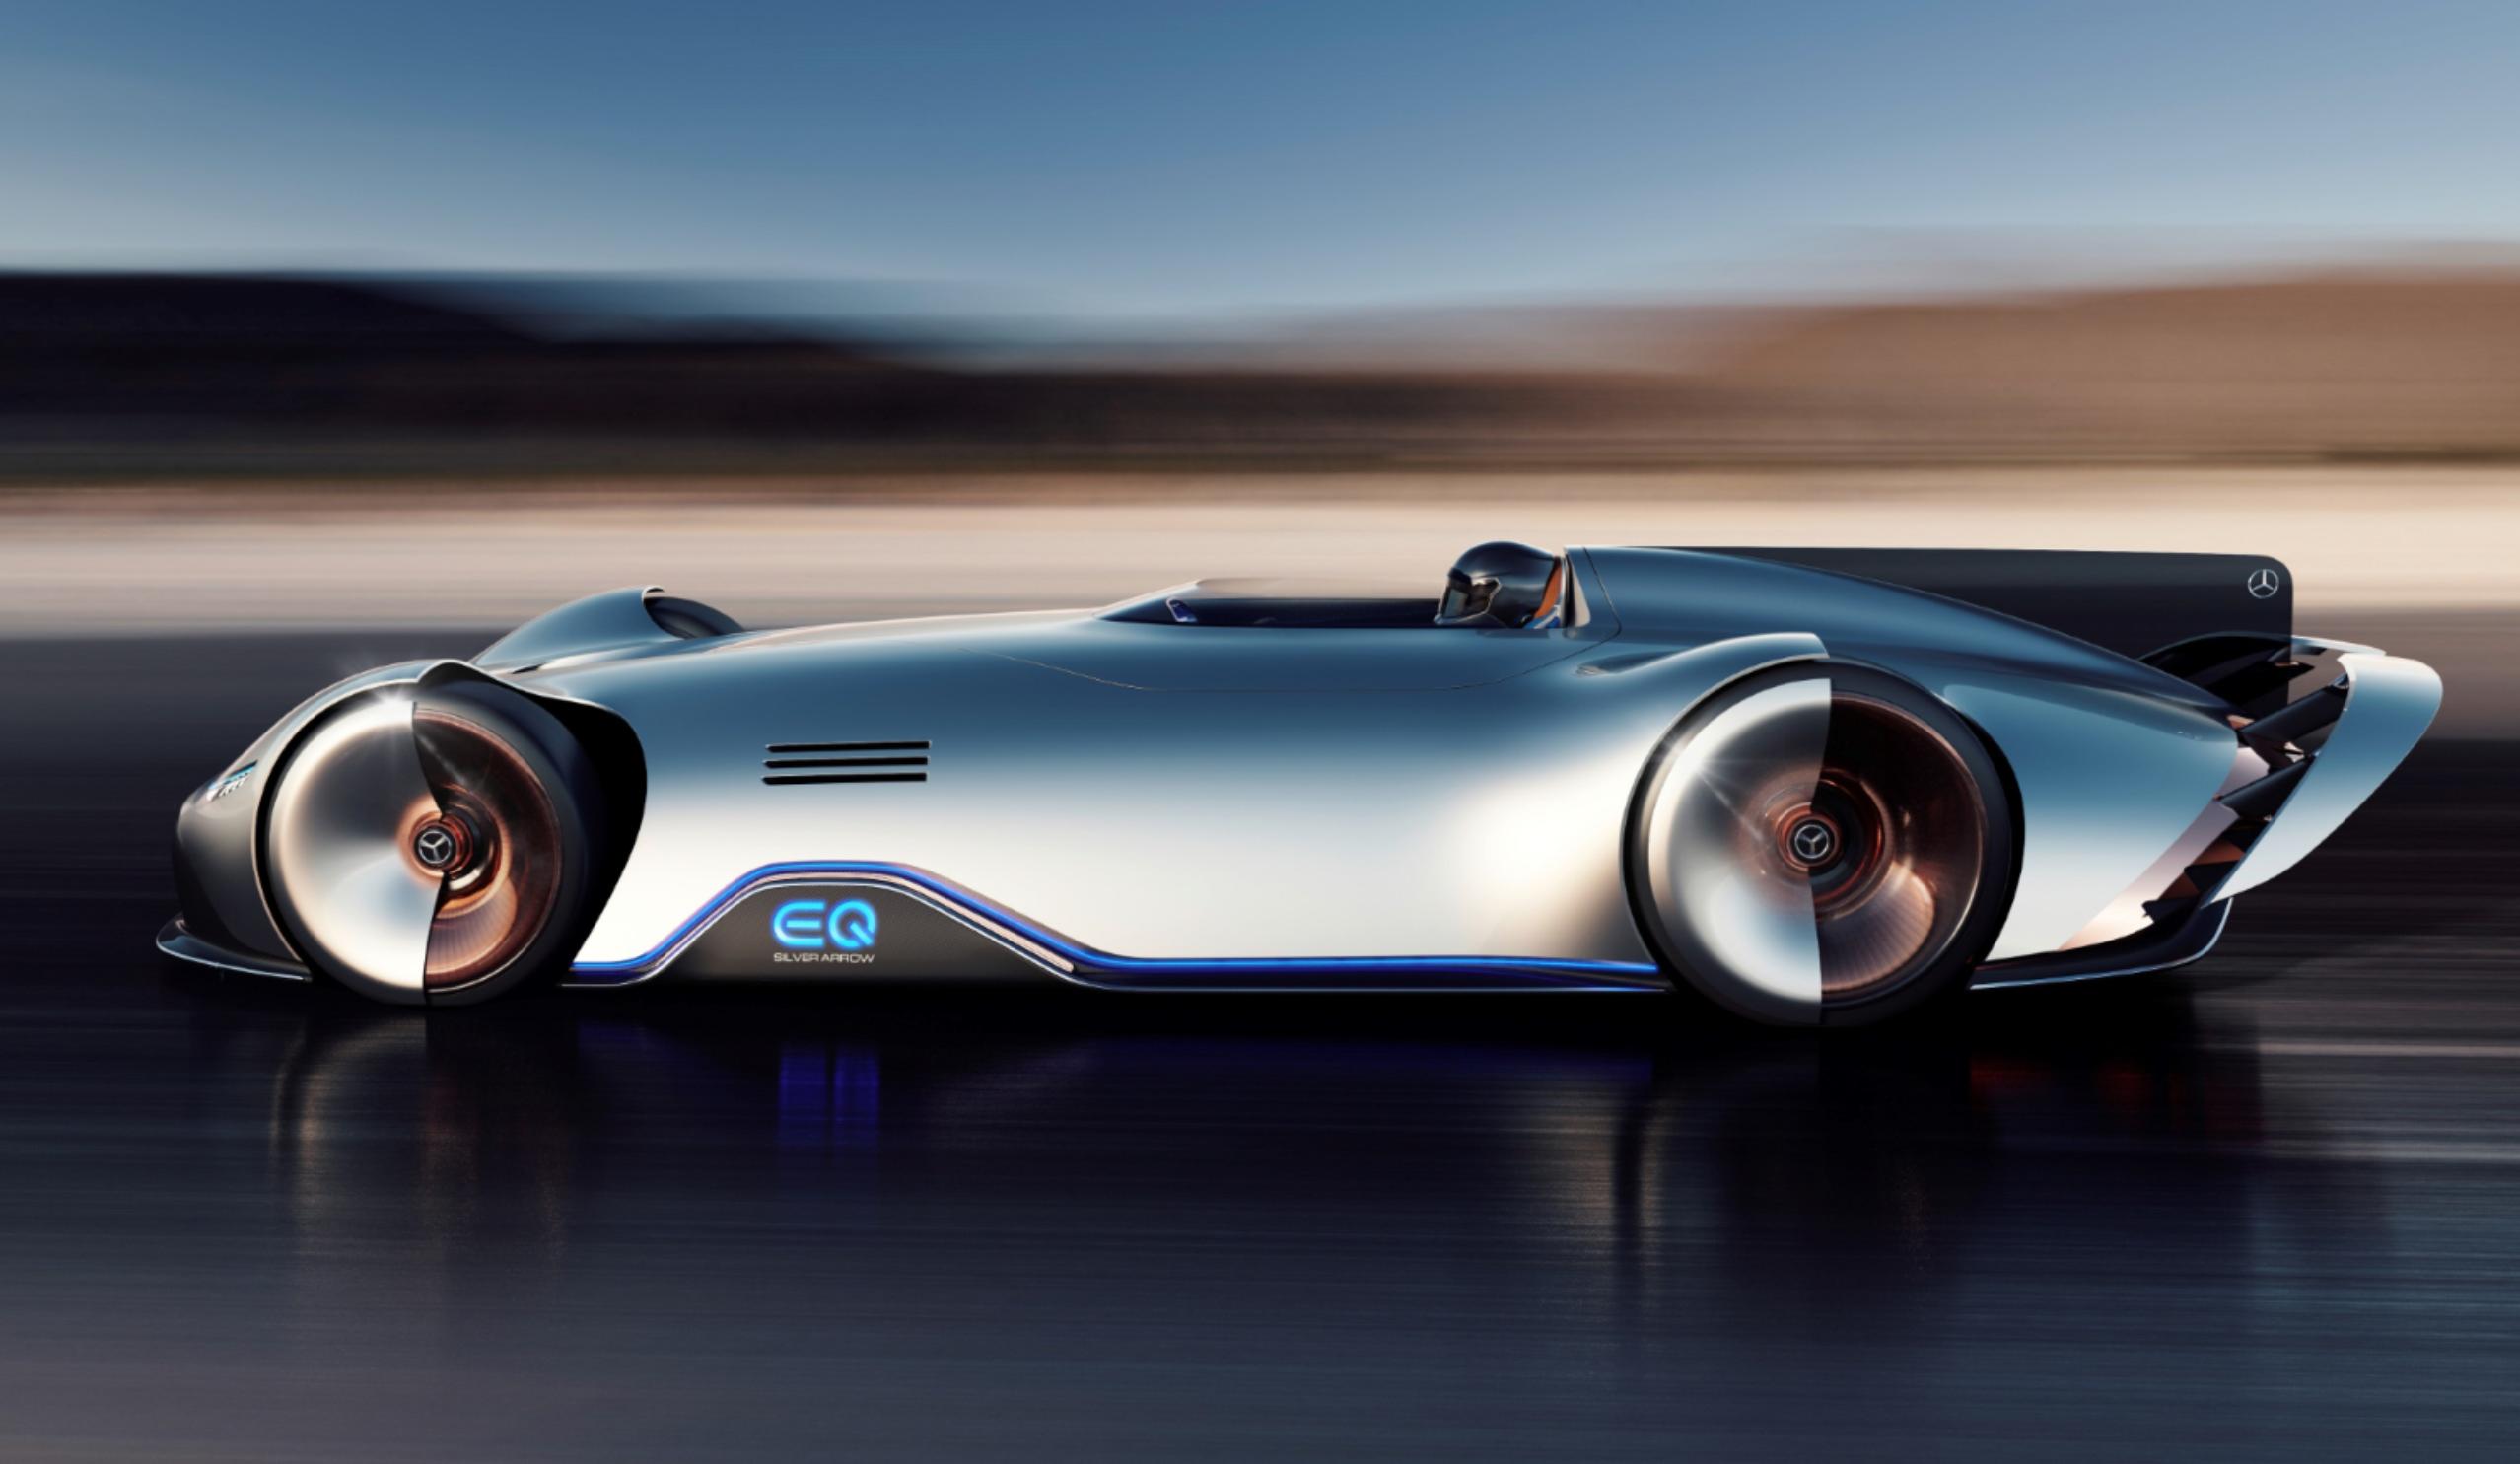 AutoInformed.com on Mercedes-Benz EQ Concept